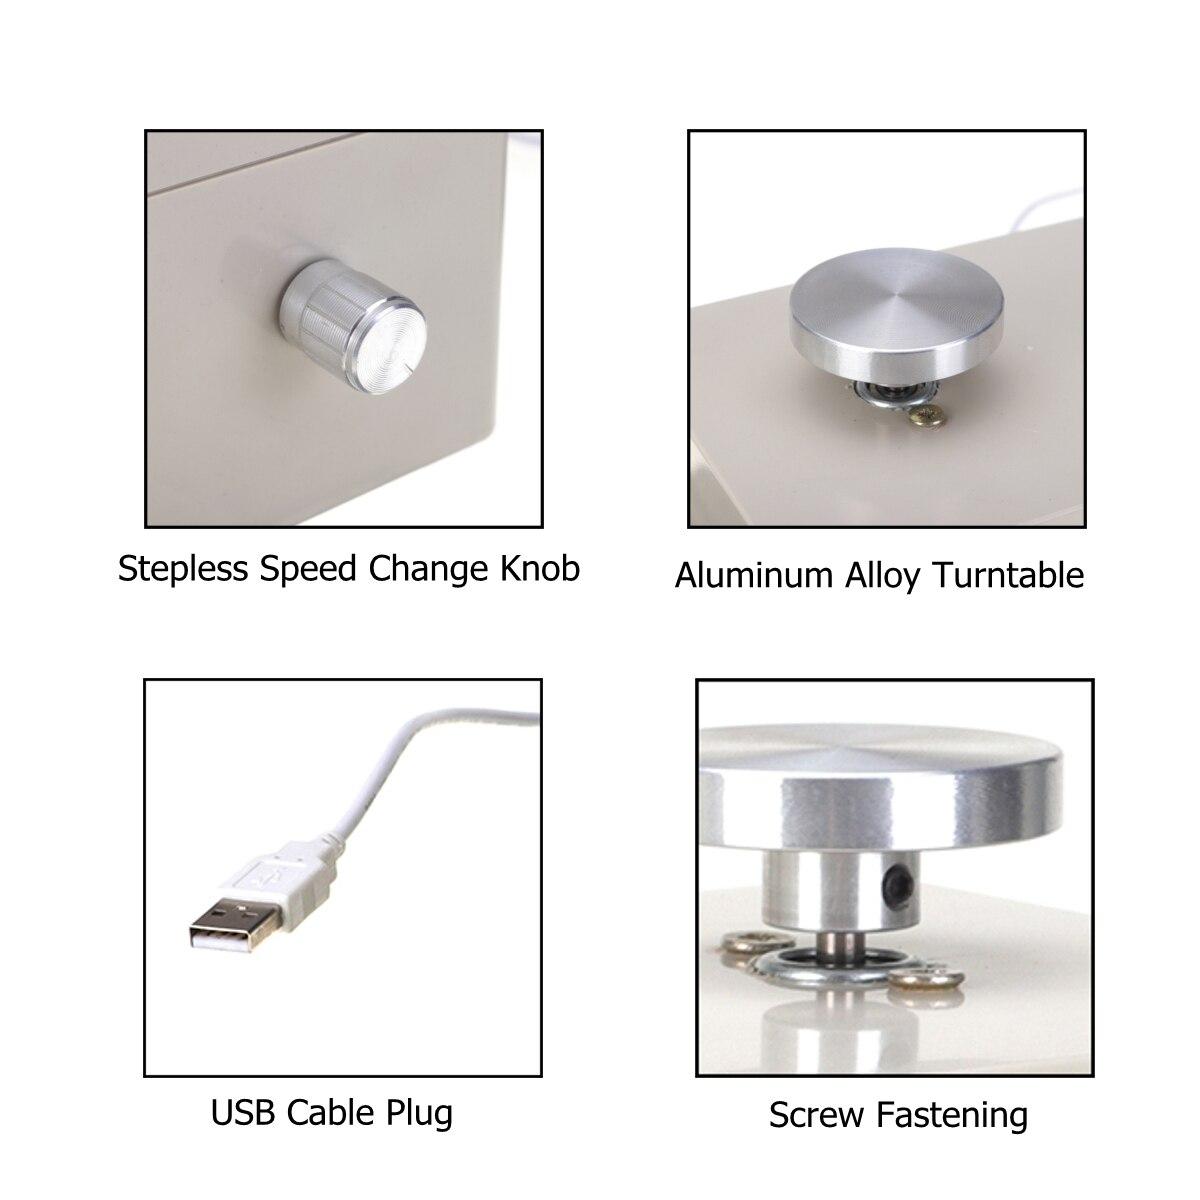 5 V USB alliage d'aluminium Mini roue de poterie 4.5 cm bouton de tourne-disque changement de vitesse en continu avec 5 pièces outils en argile en bois - 6